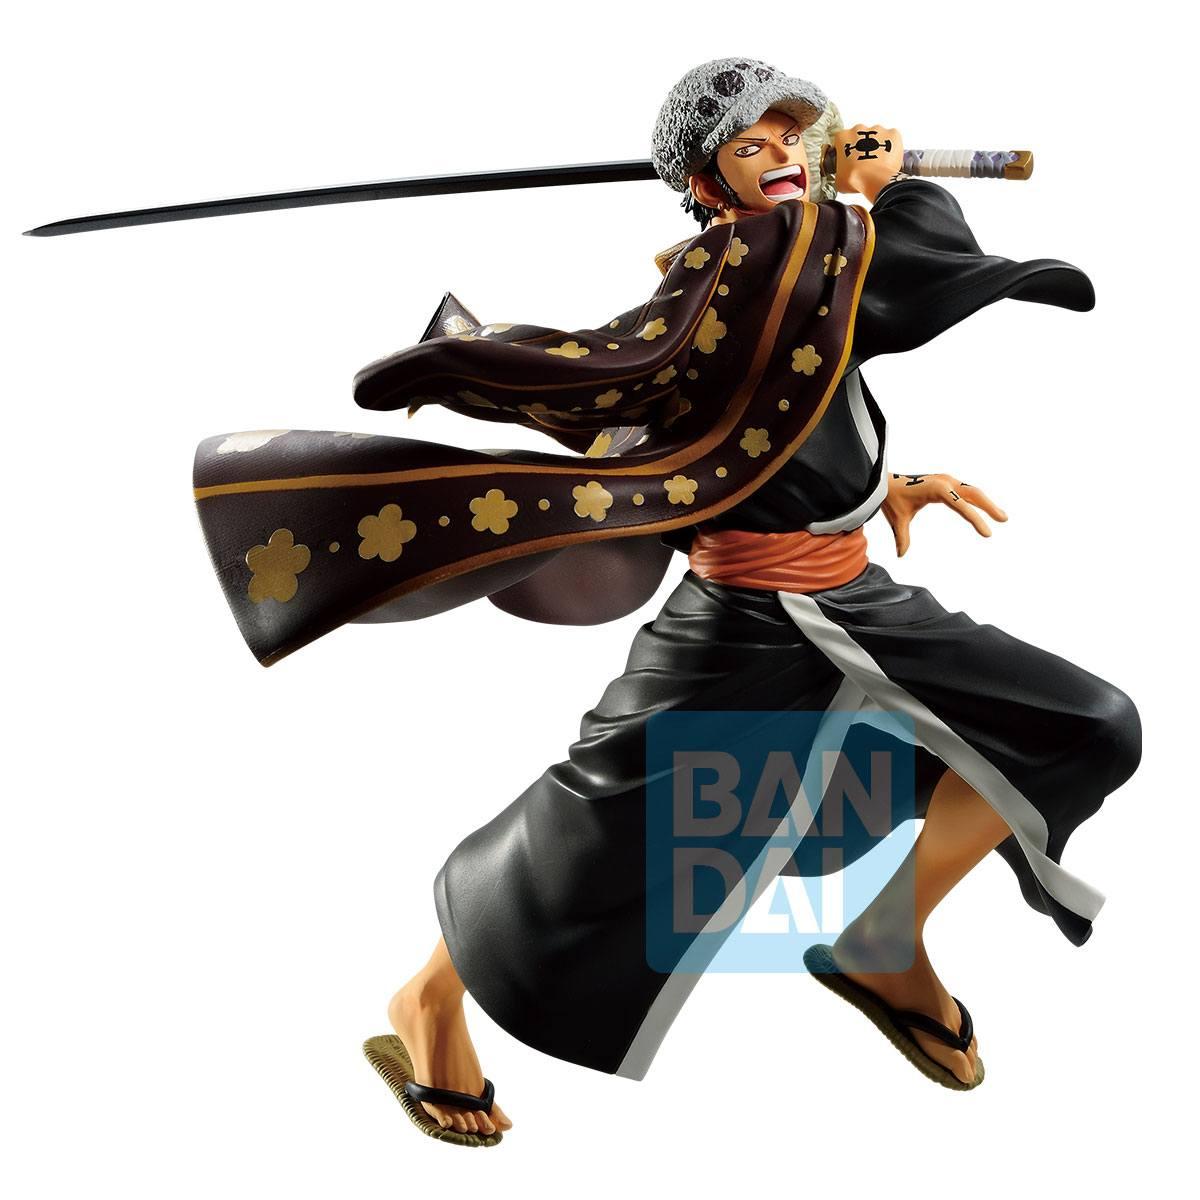 Bandai Ichibansho One Piece Ichibansho PVC Statue Law 27 cm Statues